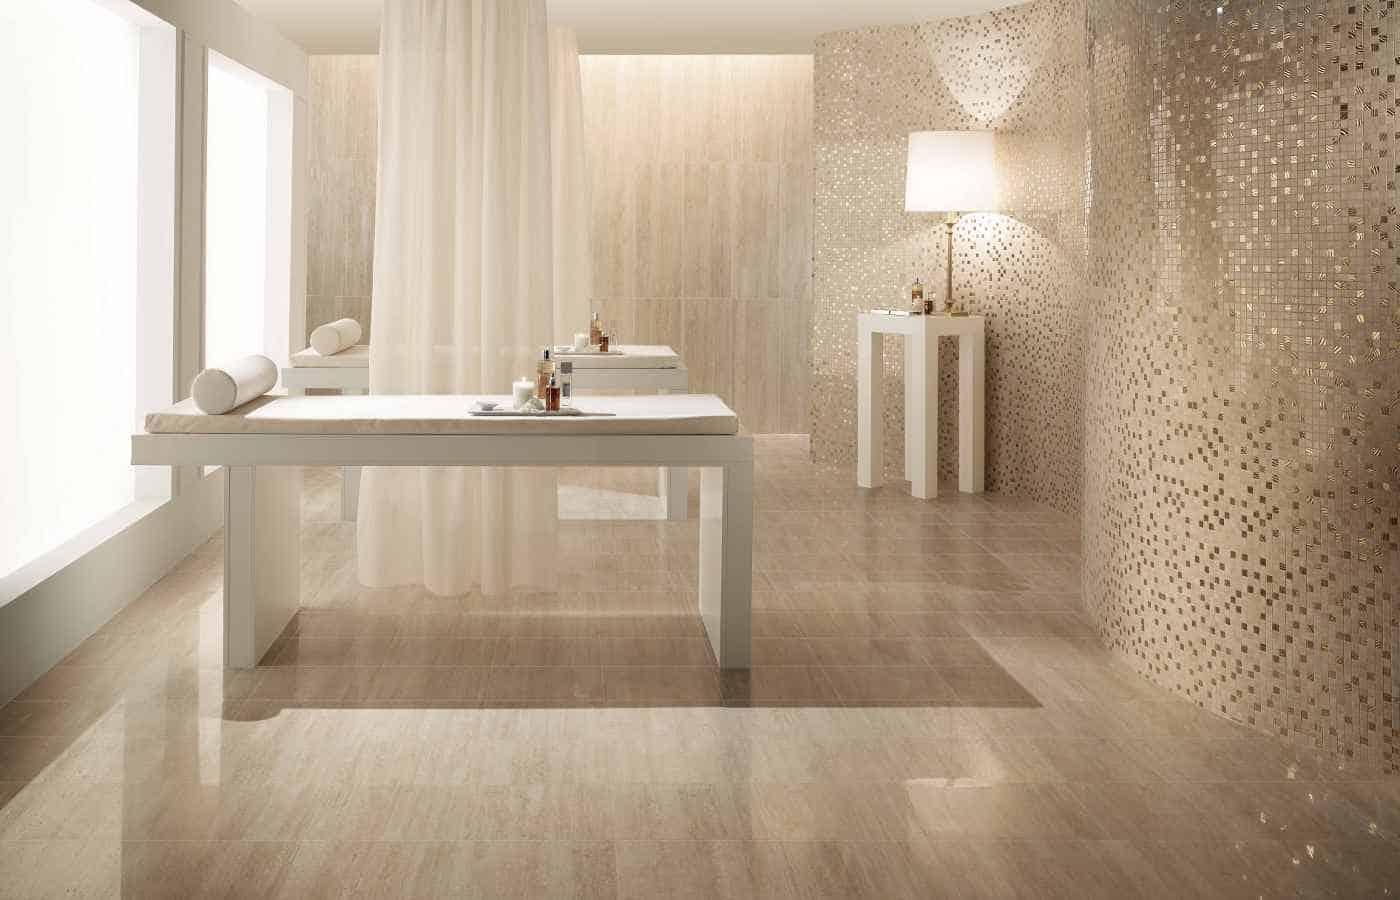 Daltile porcelain tile design contemporary tile design ideas from daltile porcelain tile design dailygadgetfo Images